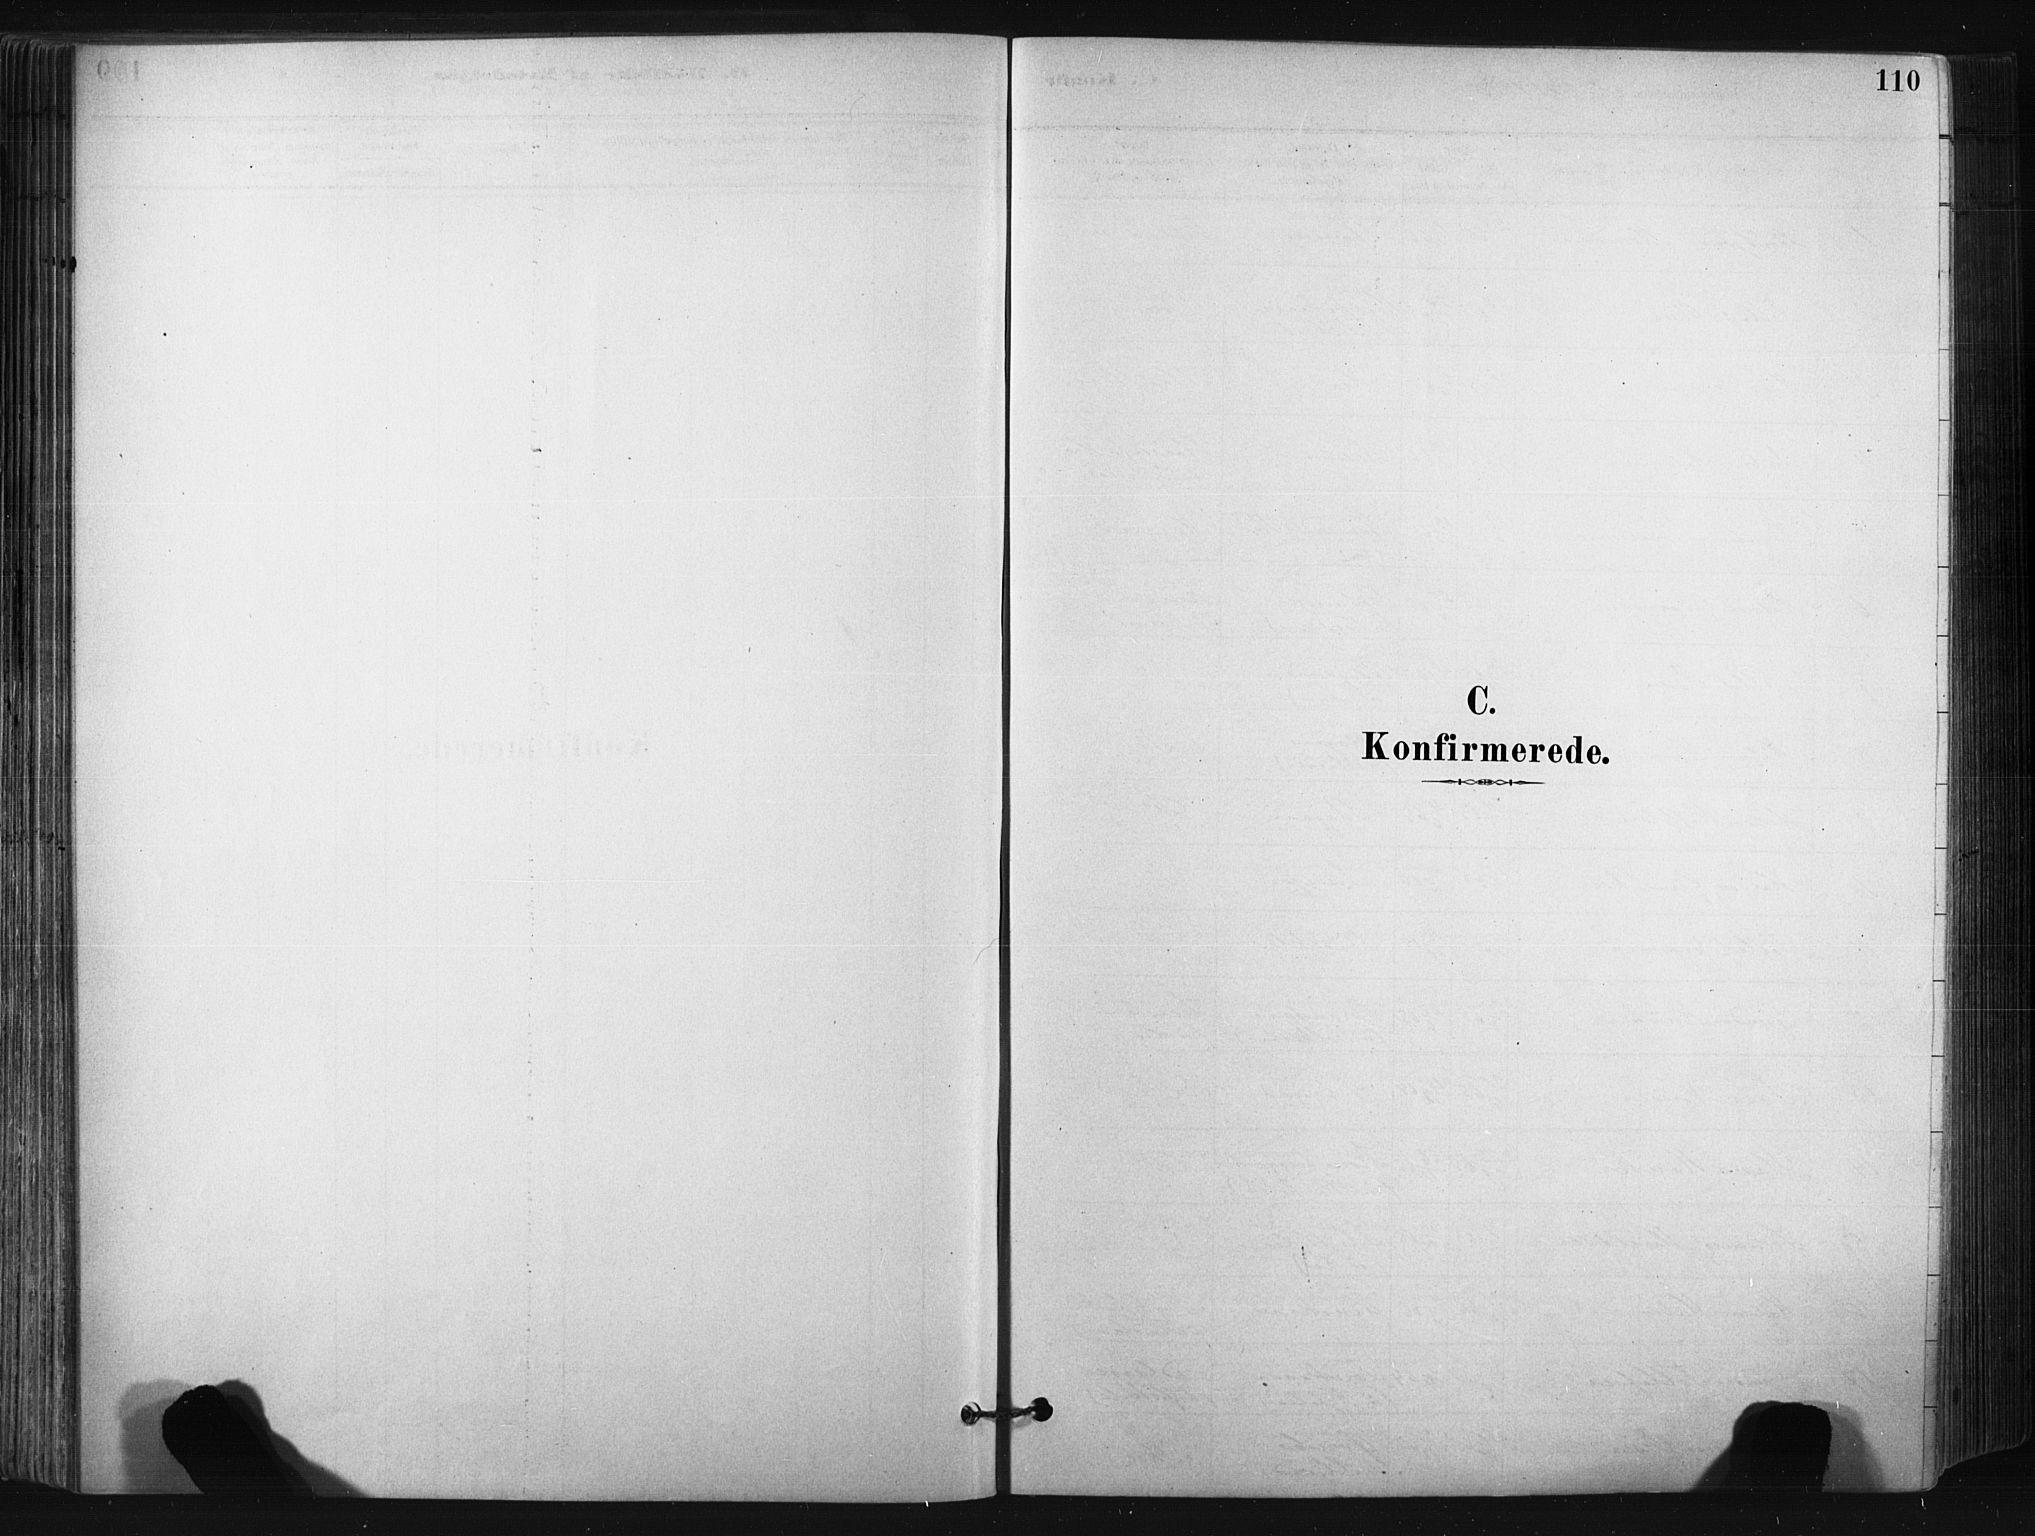 SAKO, Bø kirkebøker, F/Fa/L0010: Ministerialbok nr. 10, 1880-1892, s. 110